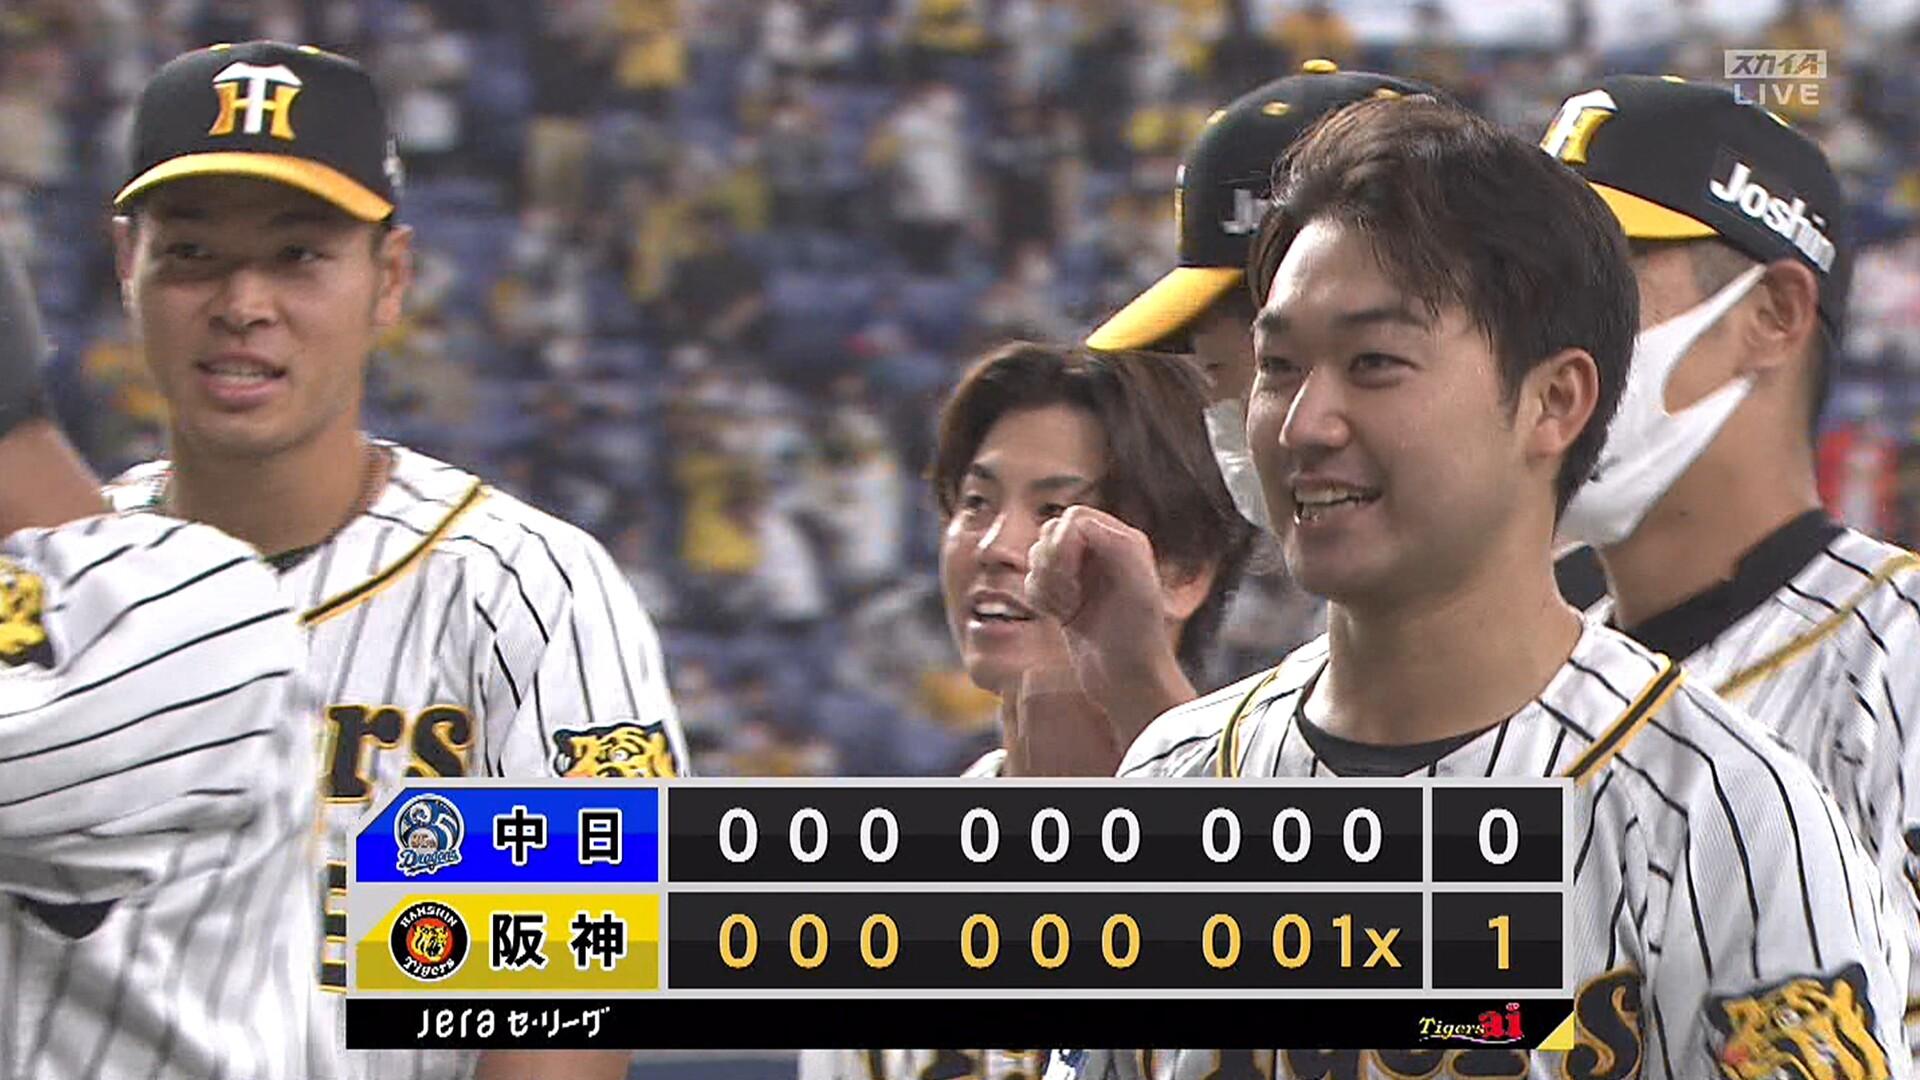 阪神・山本泰寛がサヨナラ打! 「タイガースの一員になれた」